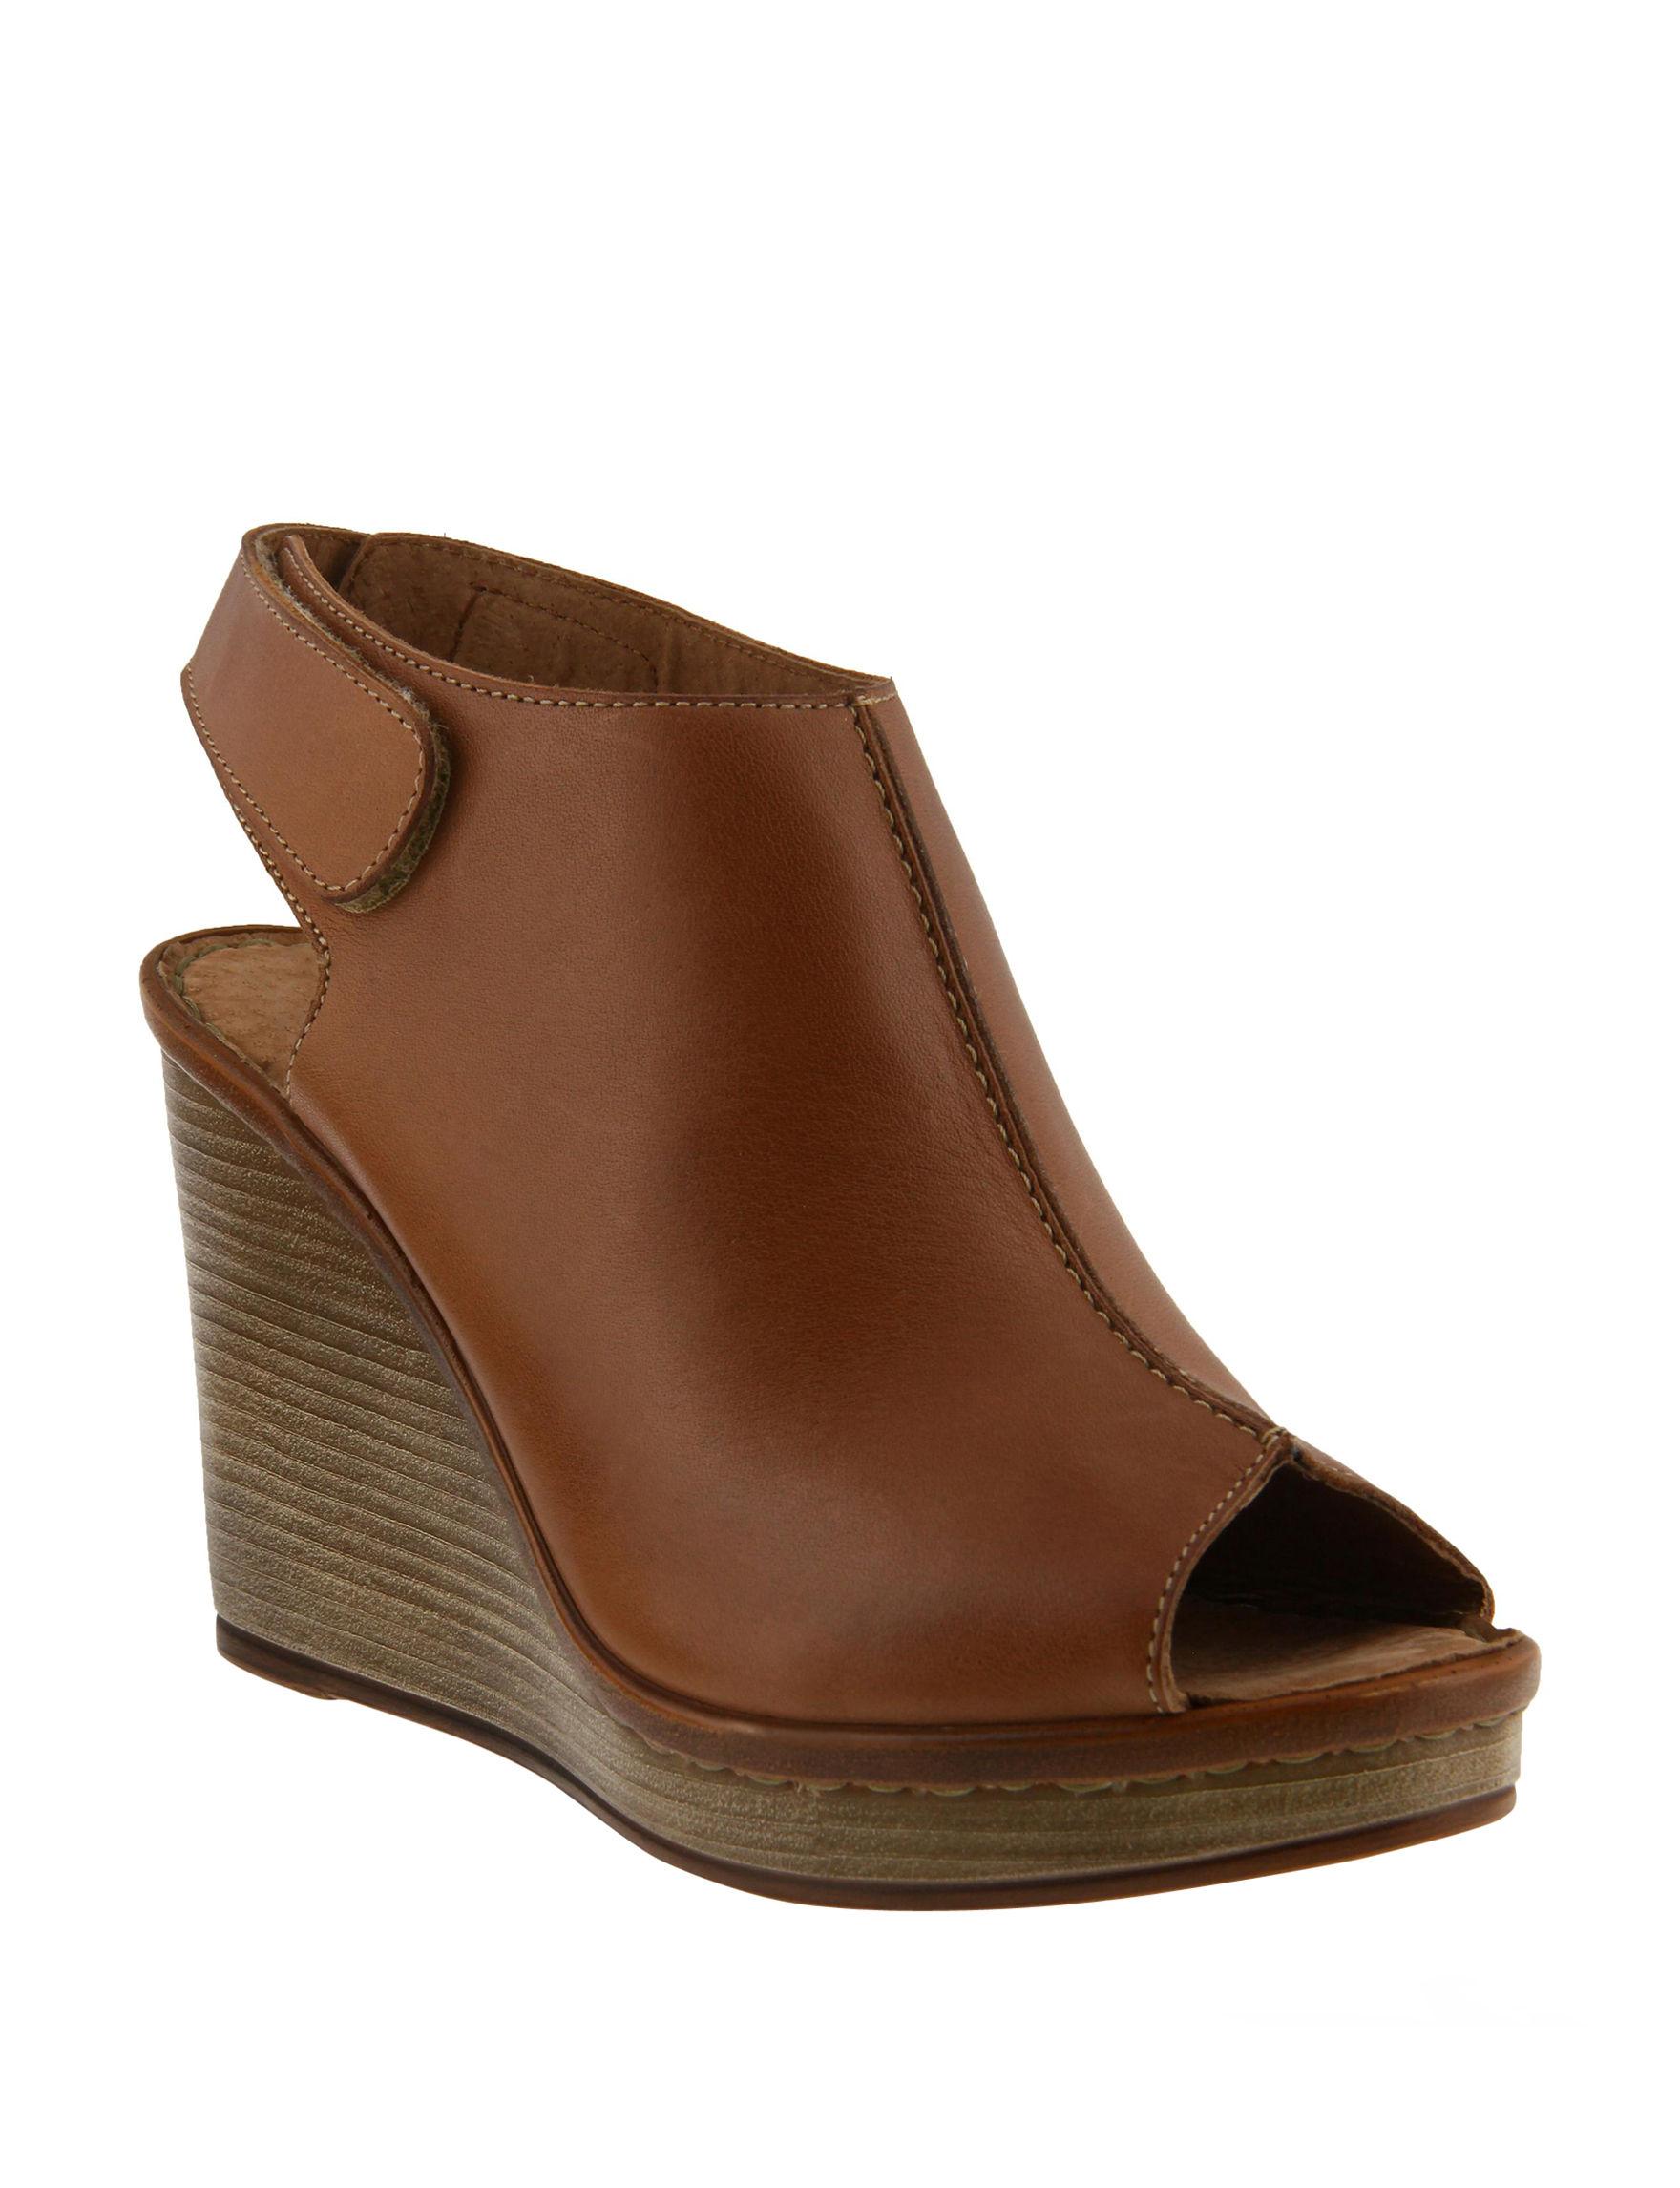 Spring Step Brown Wedge Sandals